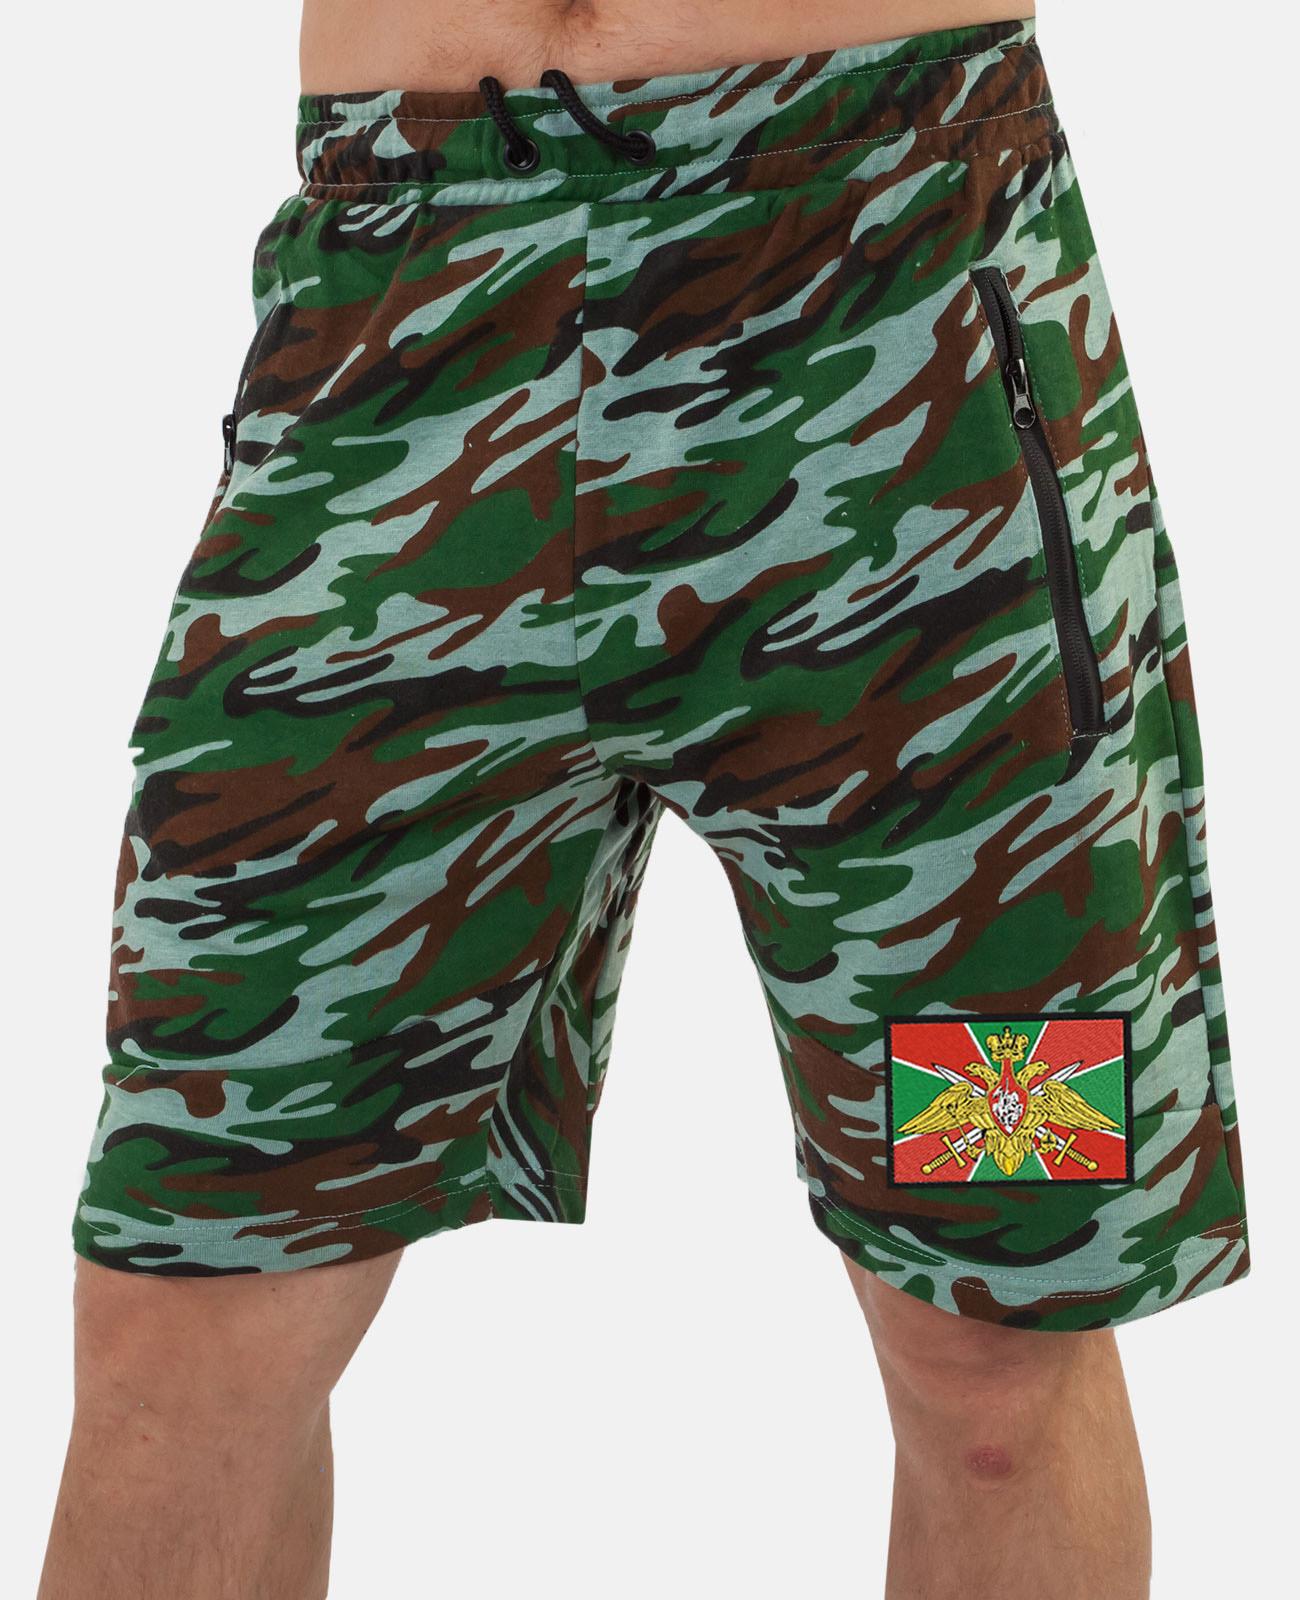 Заказать недорого онлайн мужские шорты